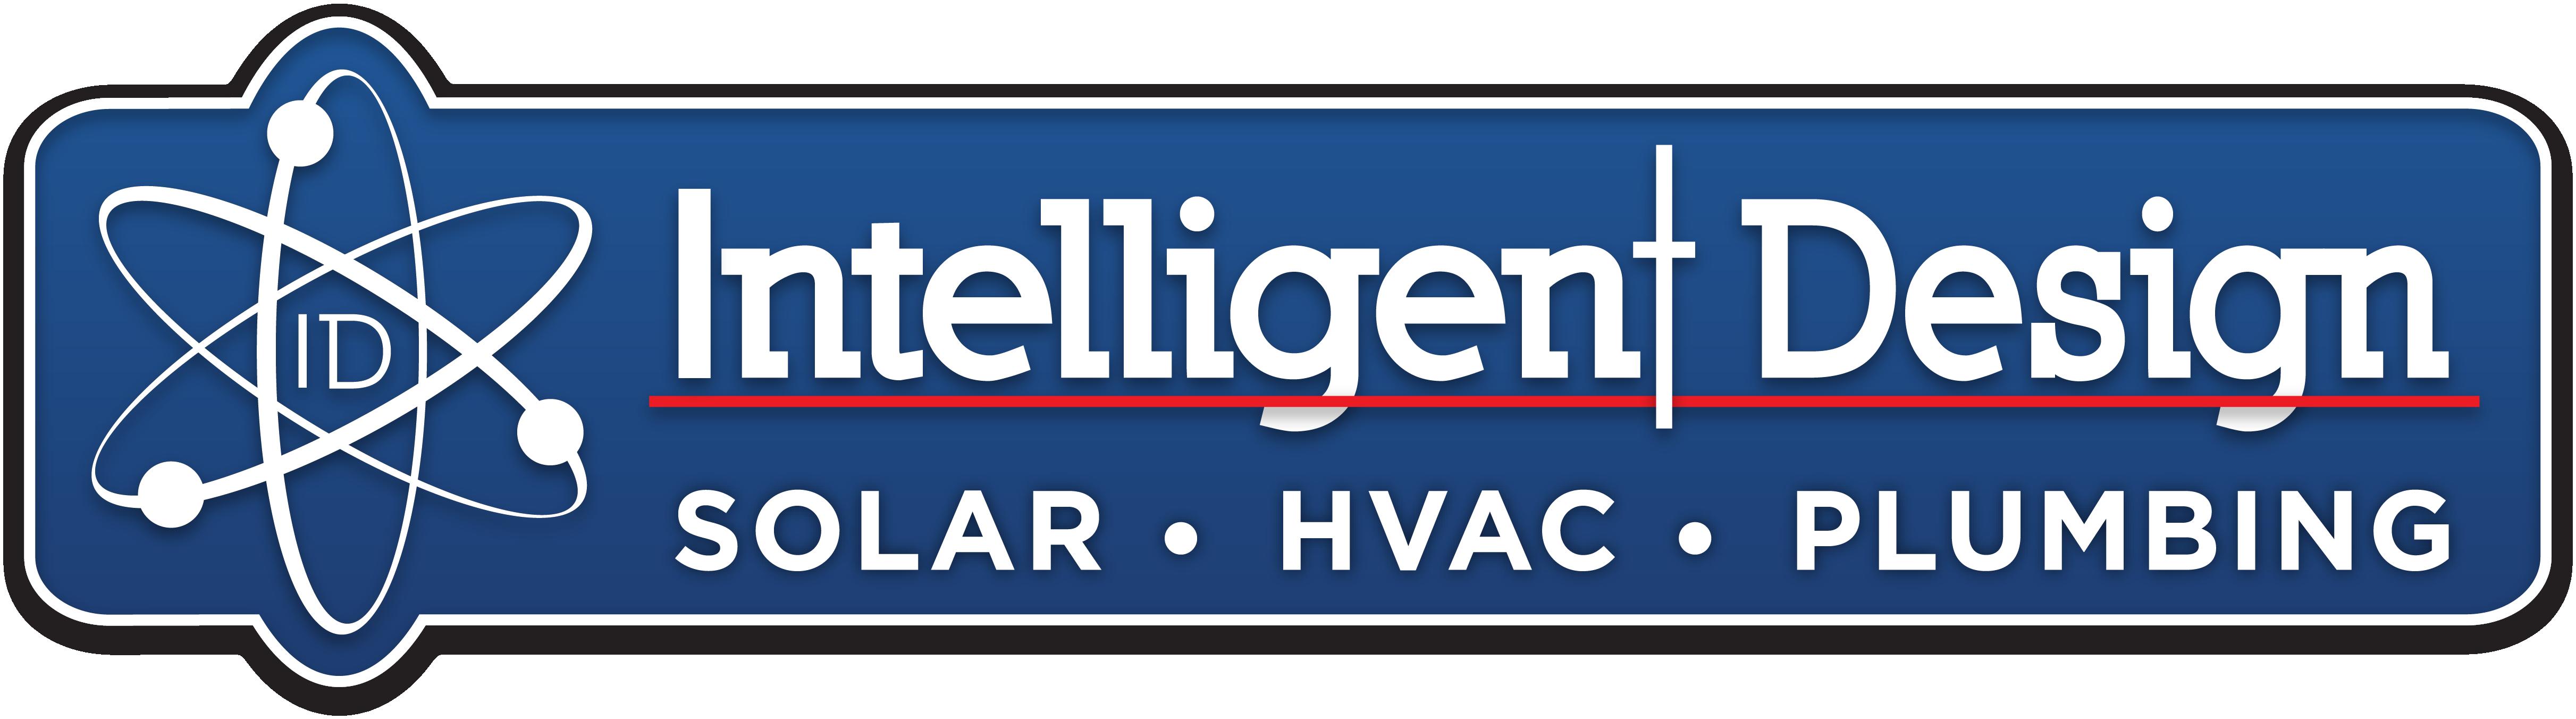 IDAClogoSolar HVAC Plumbing